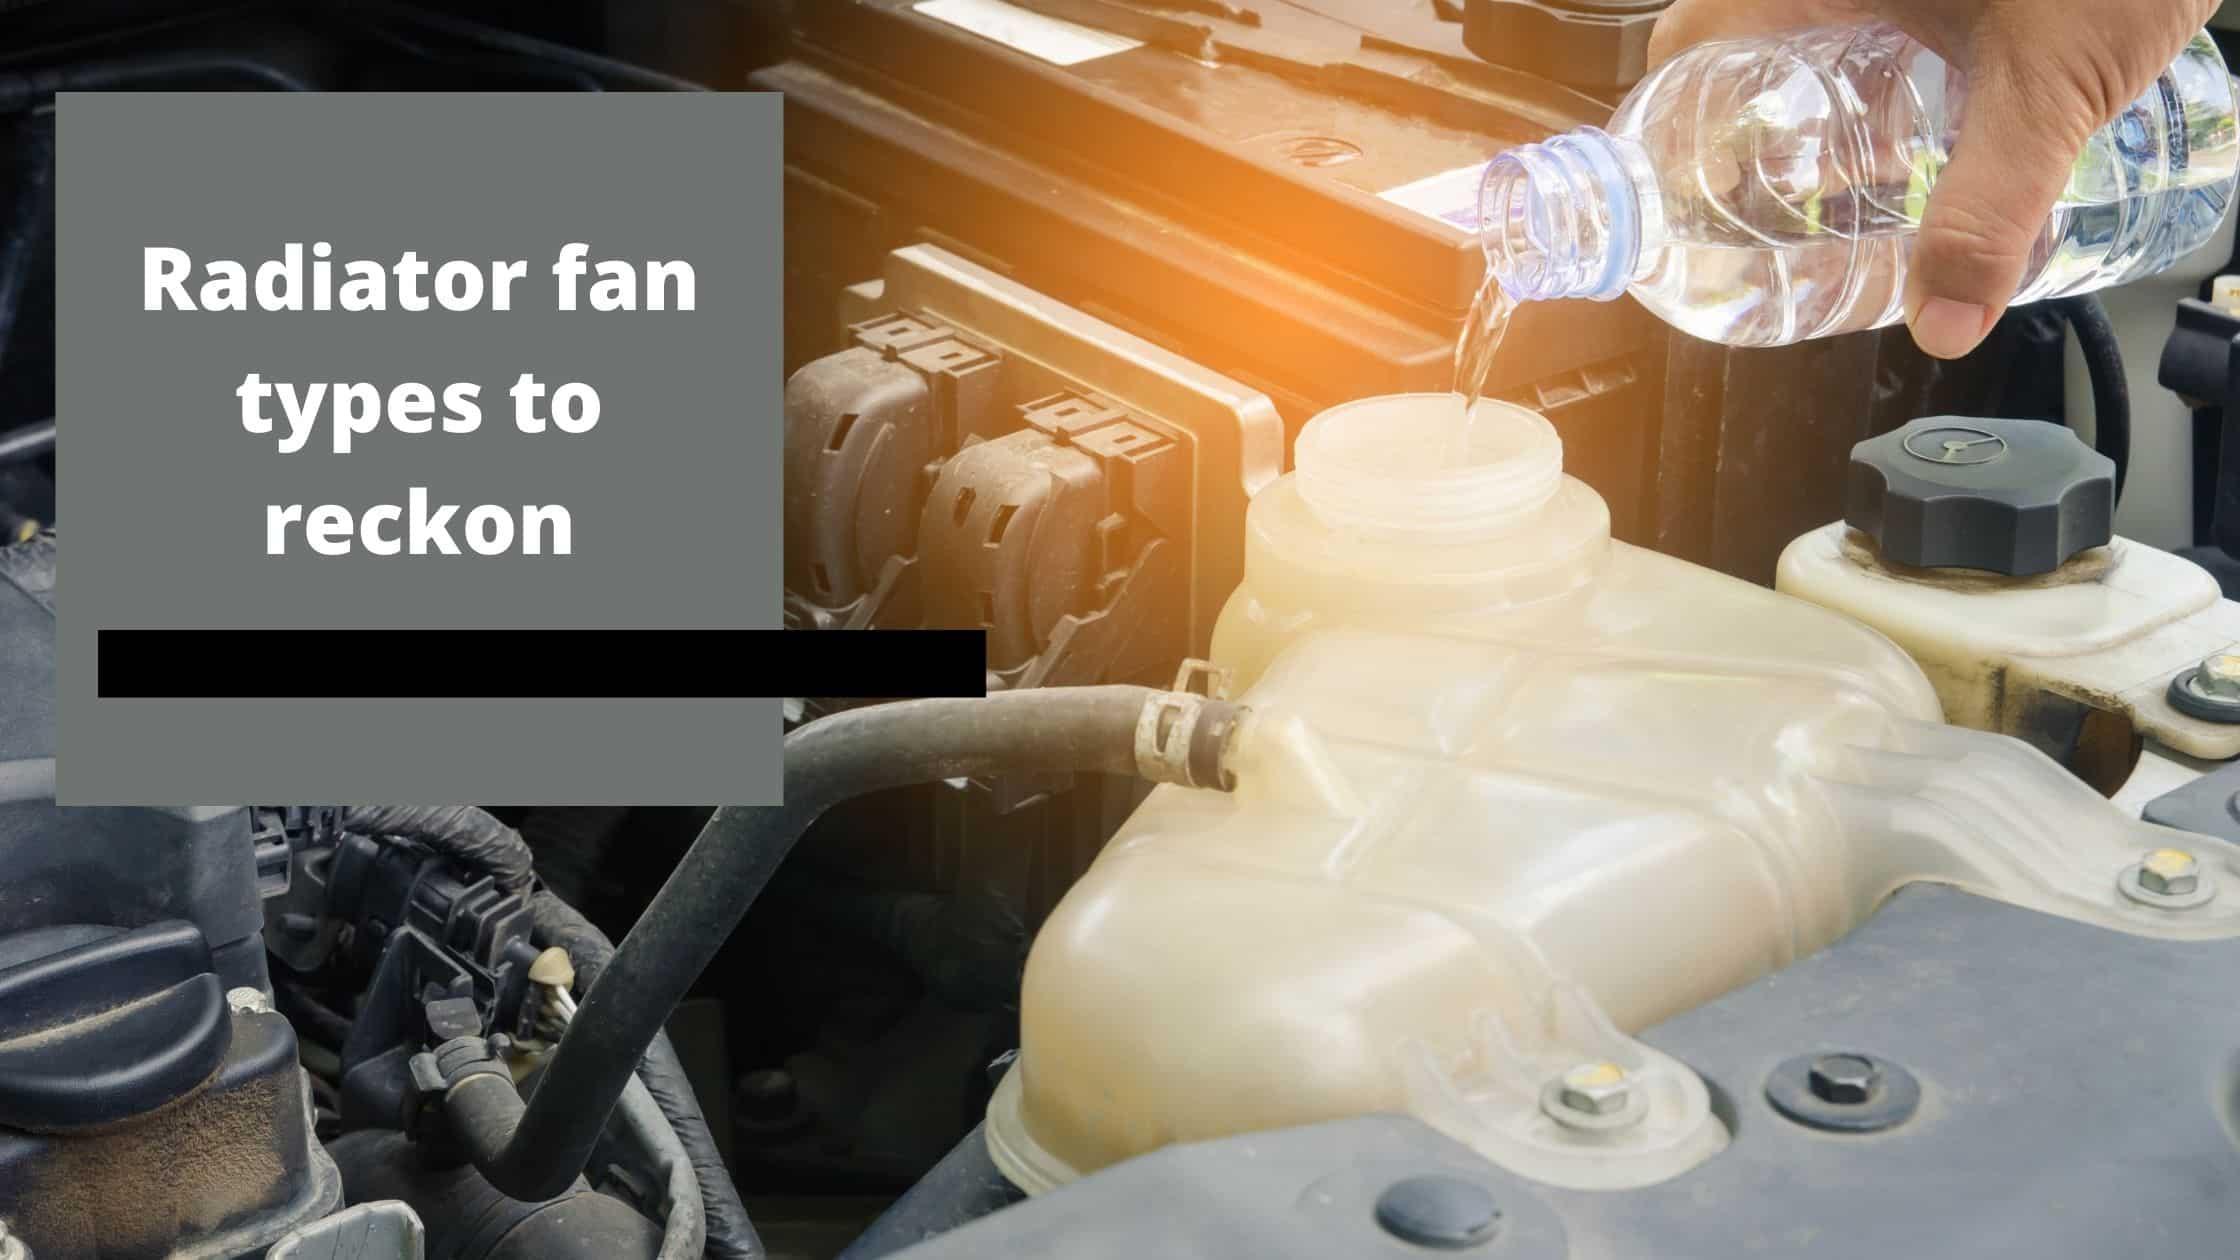 Two Types of Radiator Fan